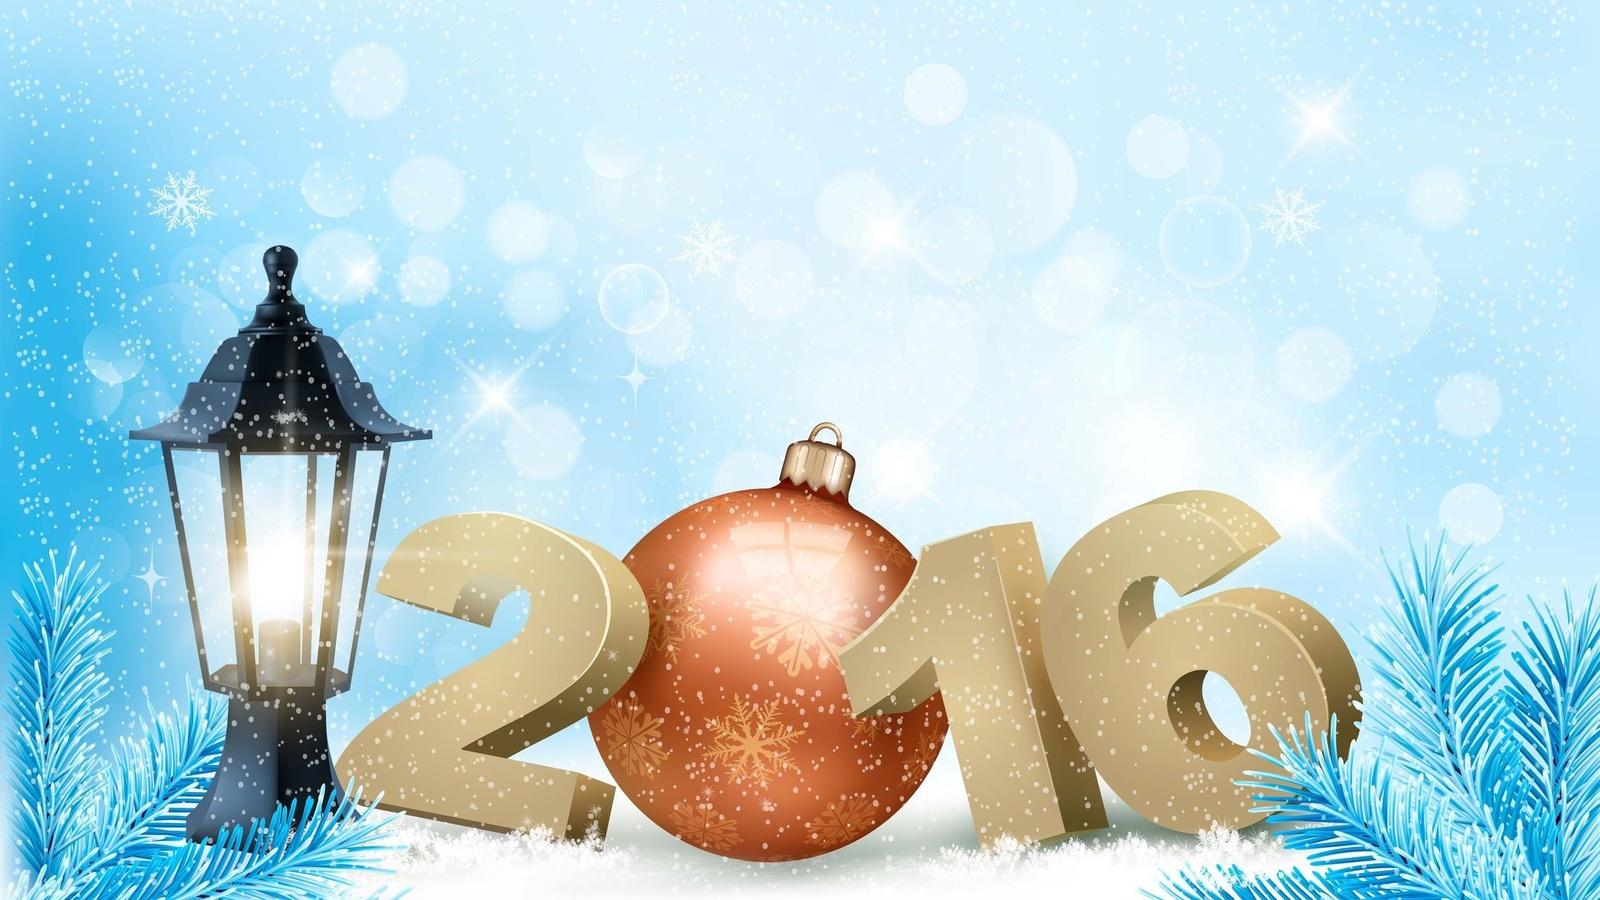 Про, с новым годом и рождеством открытка 2016